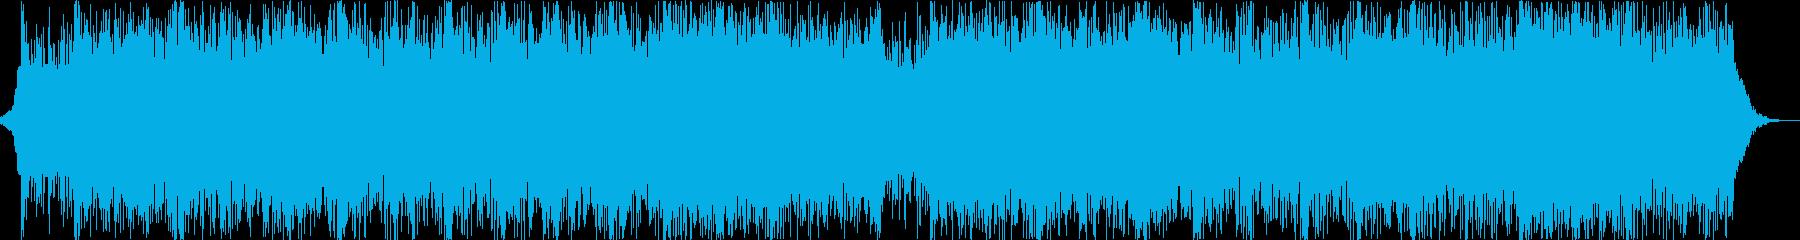 機械ビートとエスニックなコーラスの戦闘曲の再生済みの波形